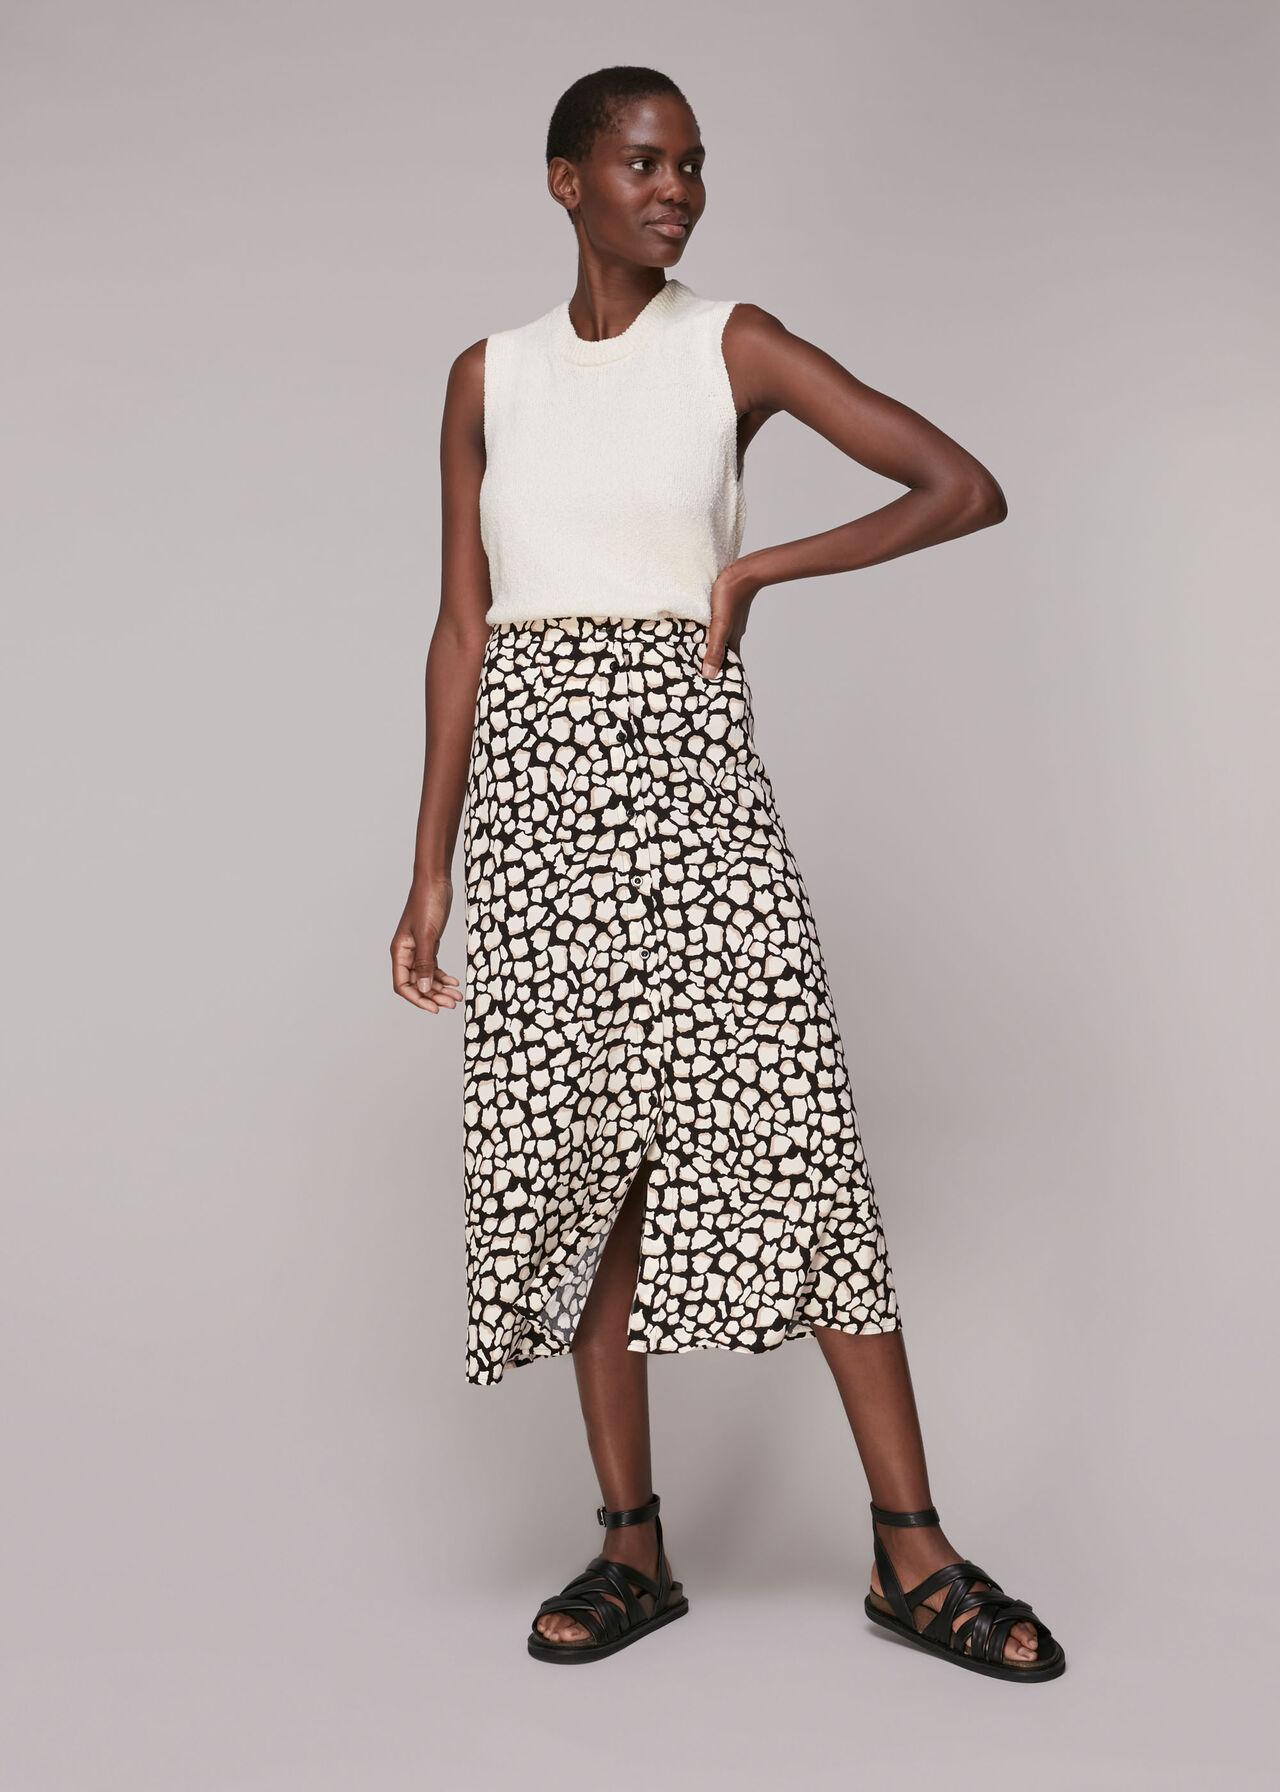 Giraffe Skirt